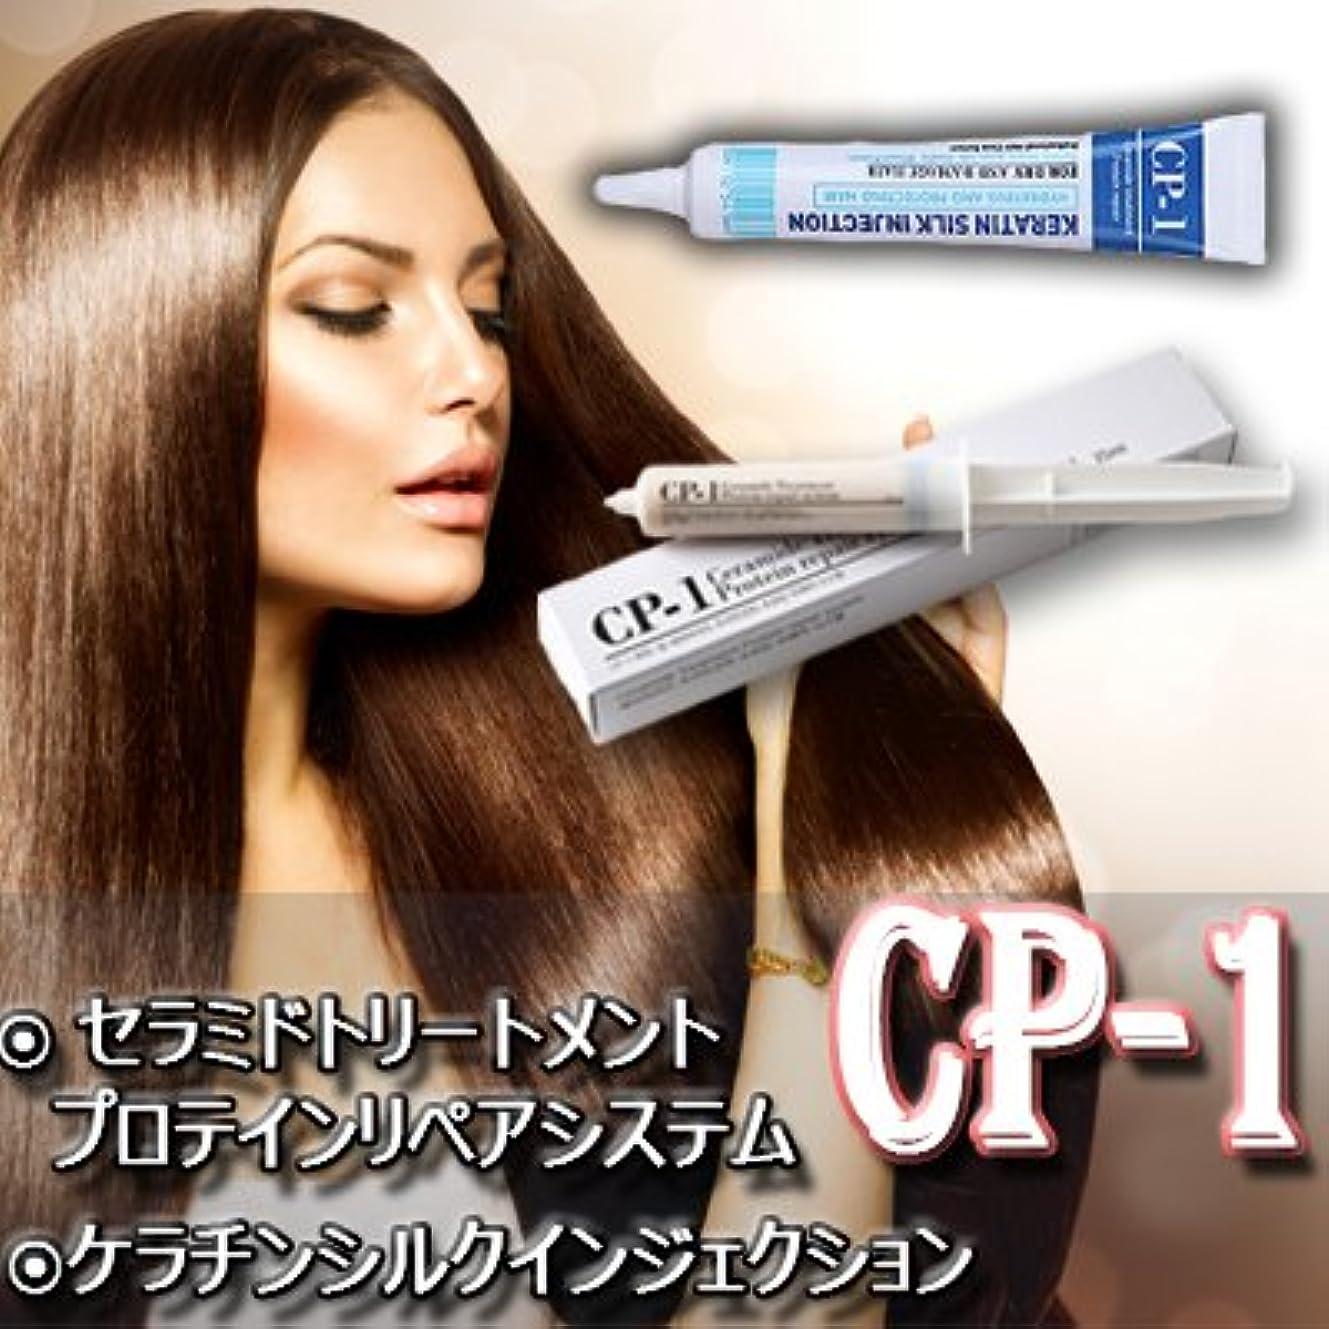 ミニ時期尚早スタンド[CP-1 Keratin 10pcs 1タンパク質アンプル] 洗いながすことなく塗るだけOK!毎日使用してください!【10個入り】